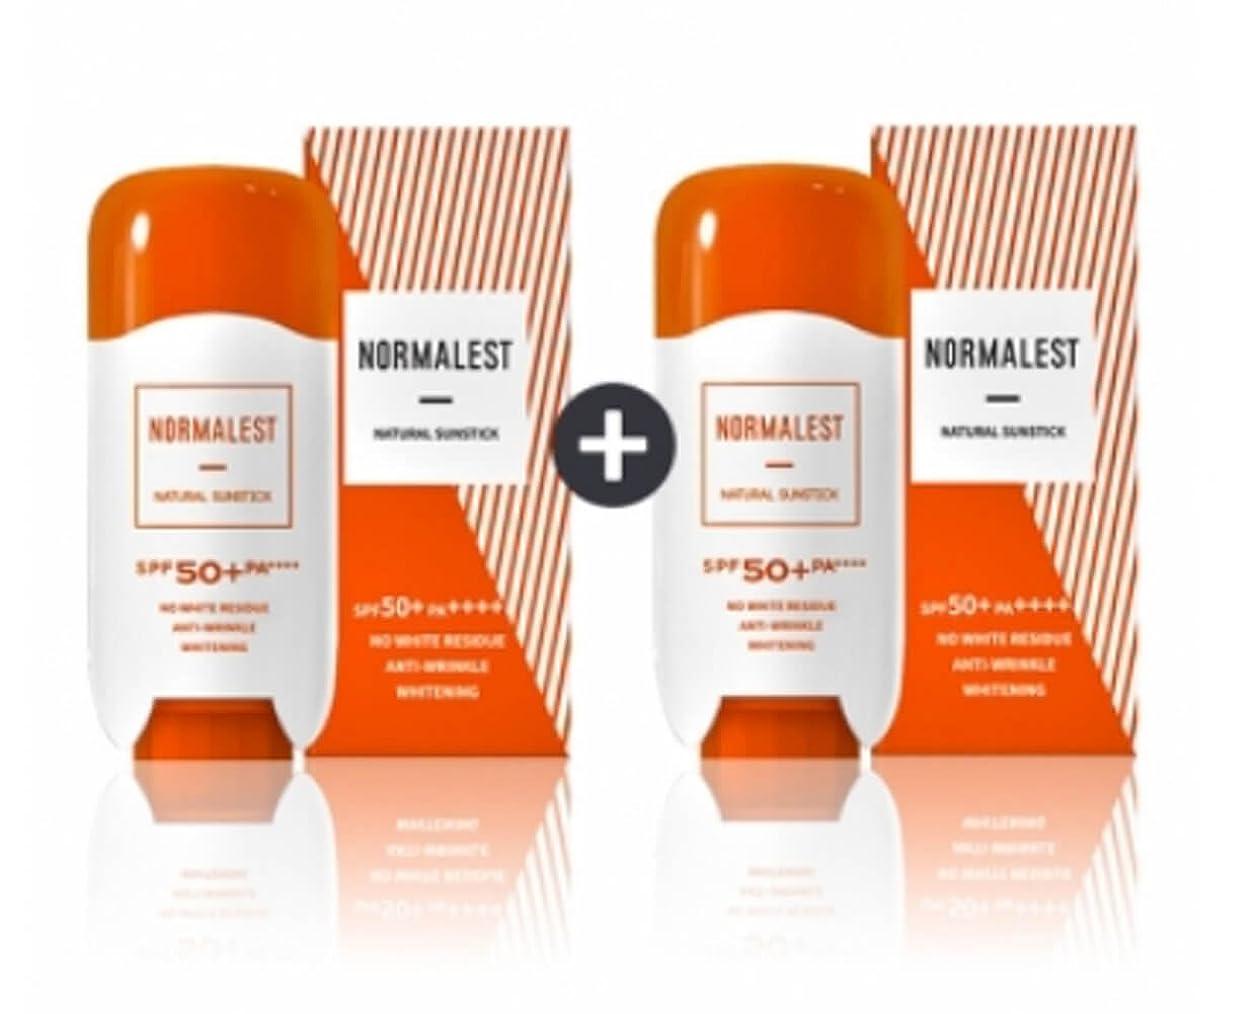 熟達乏しいアリーナ[ノーマルリスト] Nomalist ナチュラル サンスティク1+1 サンケア 日焼け止め サンブロック 紫外線遮断 美白 シワ改善機能性 化粧品 海外直送品 (Natural Sun Stick 1 + 1 Sunscreen Sun Block UV Protection Whitening Wrinkle Functional Cosmetics)